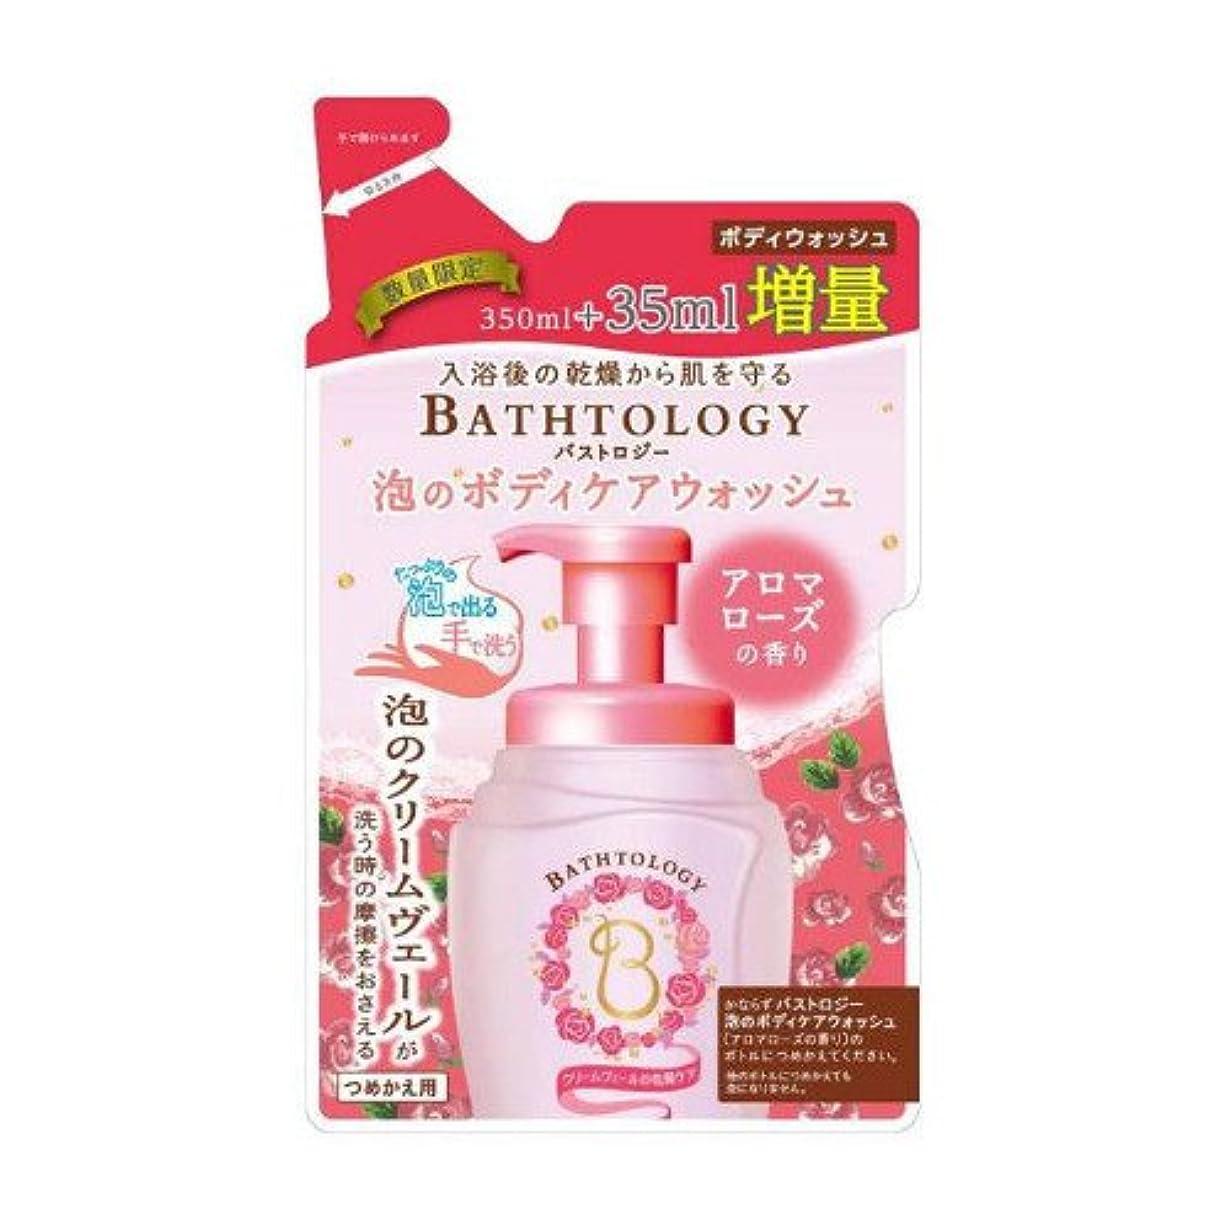 相反する記念碑的なレクリエーションBATHTOLOGY(バストロジー) 泡のボディケアウォッシュ アロマローズの香り 詰替